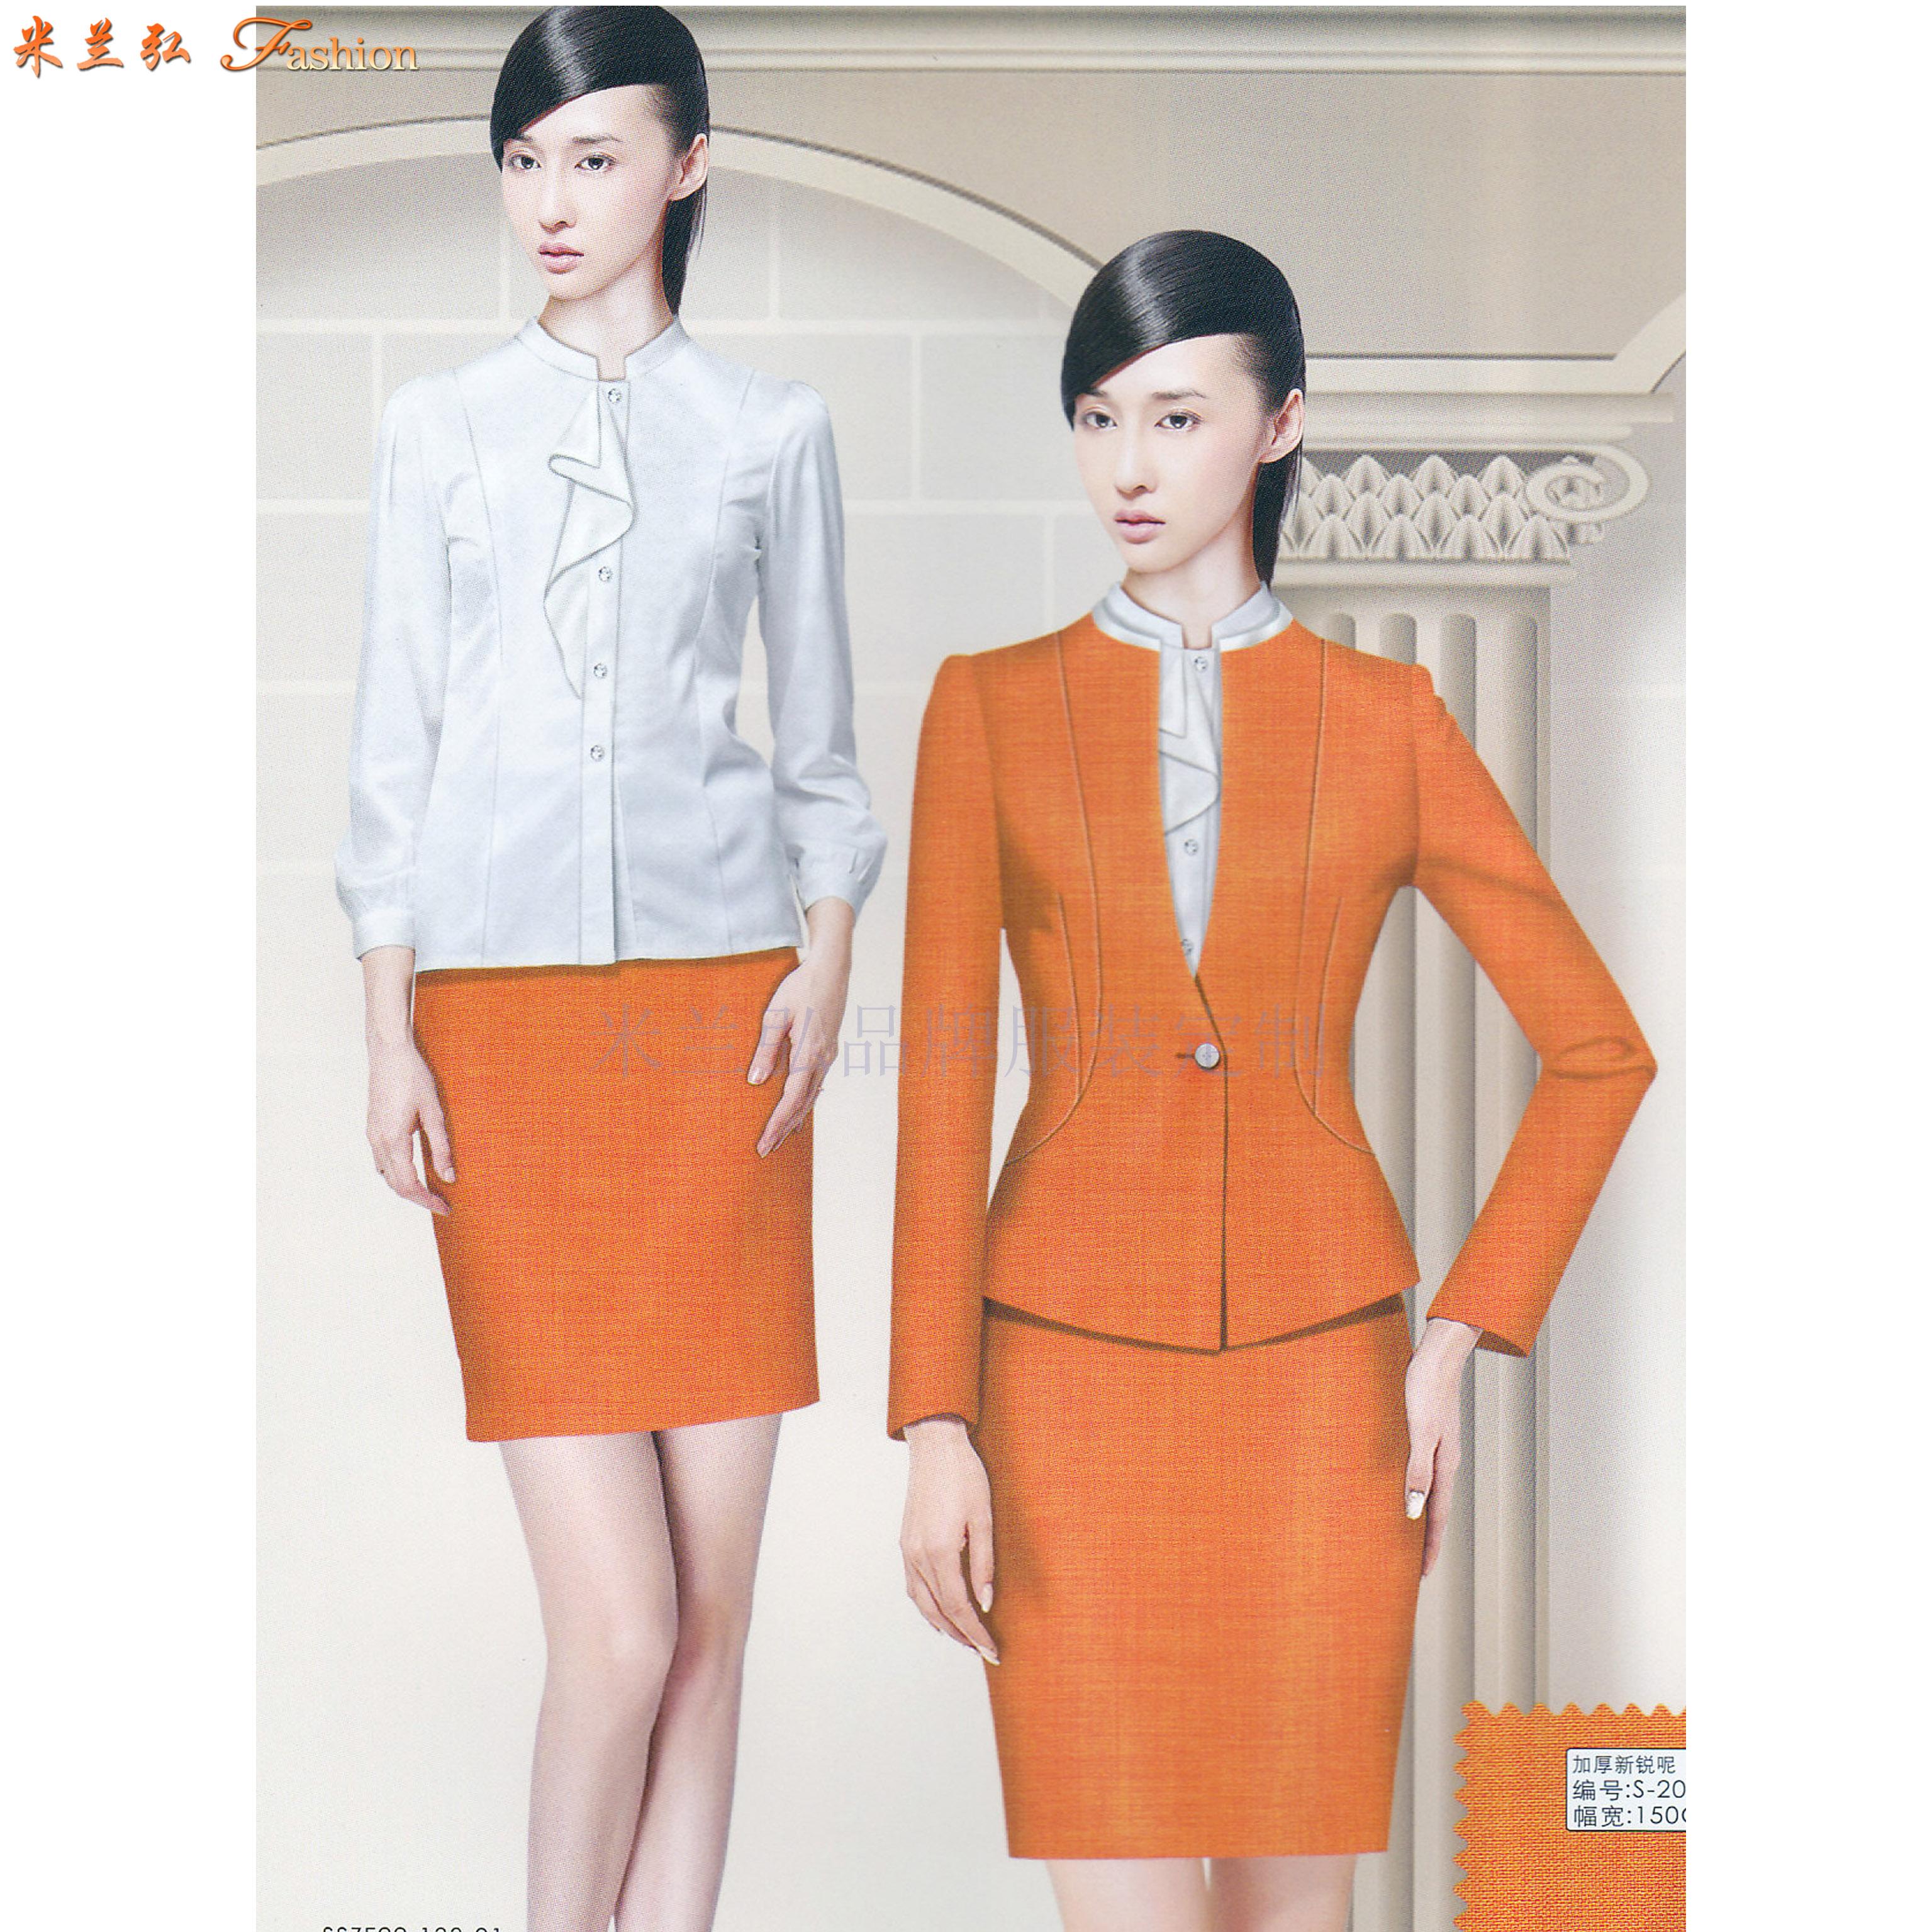 「寧夏空姐服」吳忠市量體定做航空公司空姐服-米蘭弘服裝-4